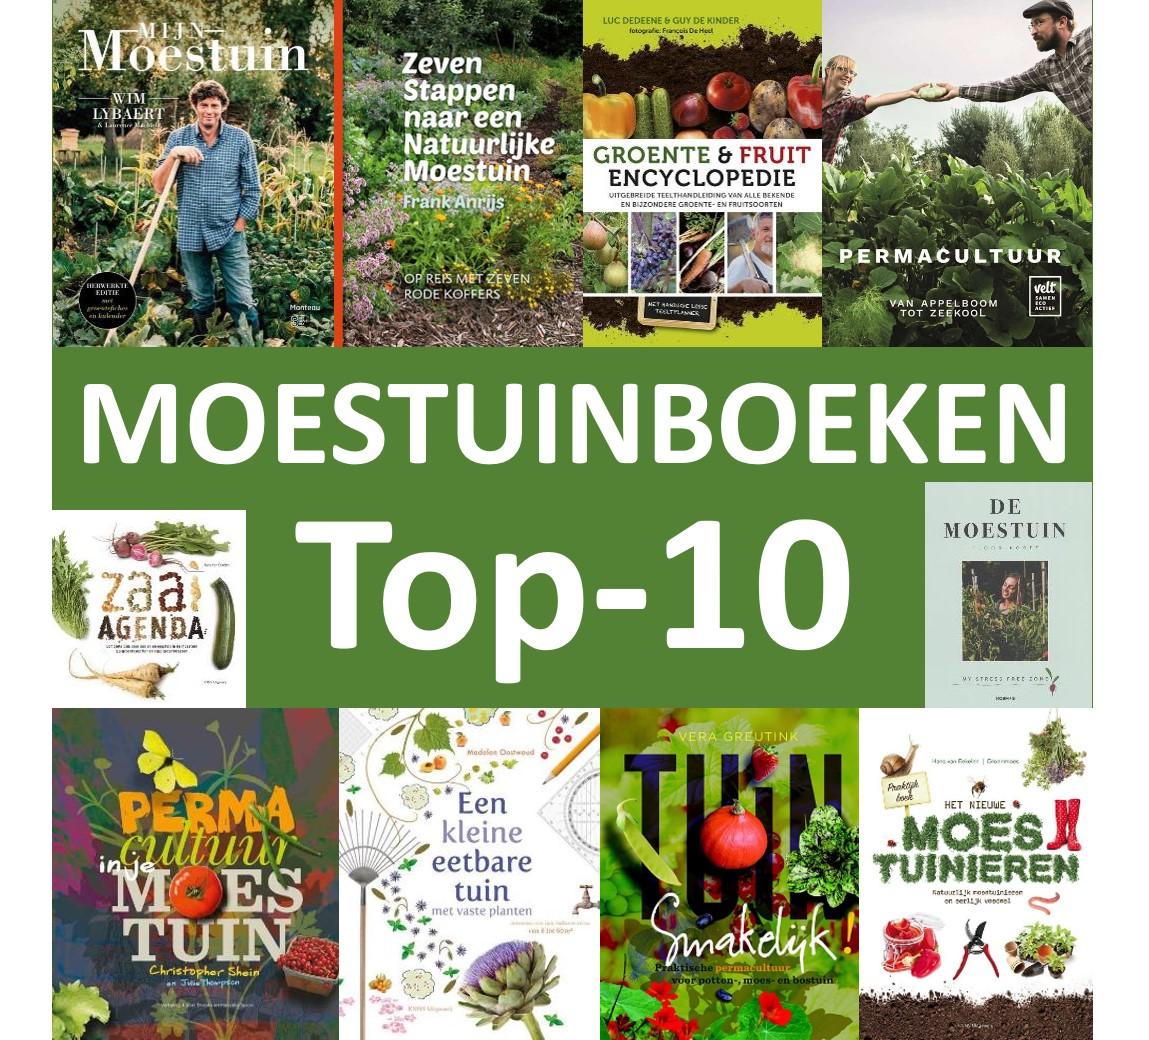 moestuin boeken top 10 recensie